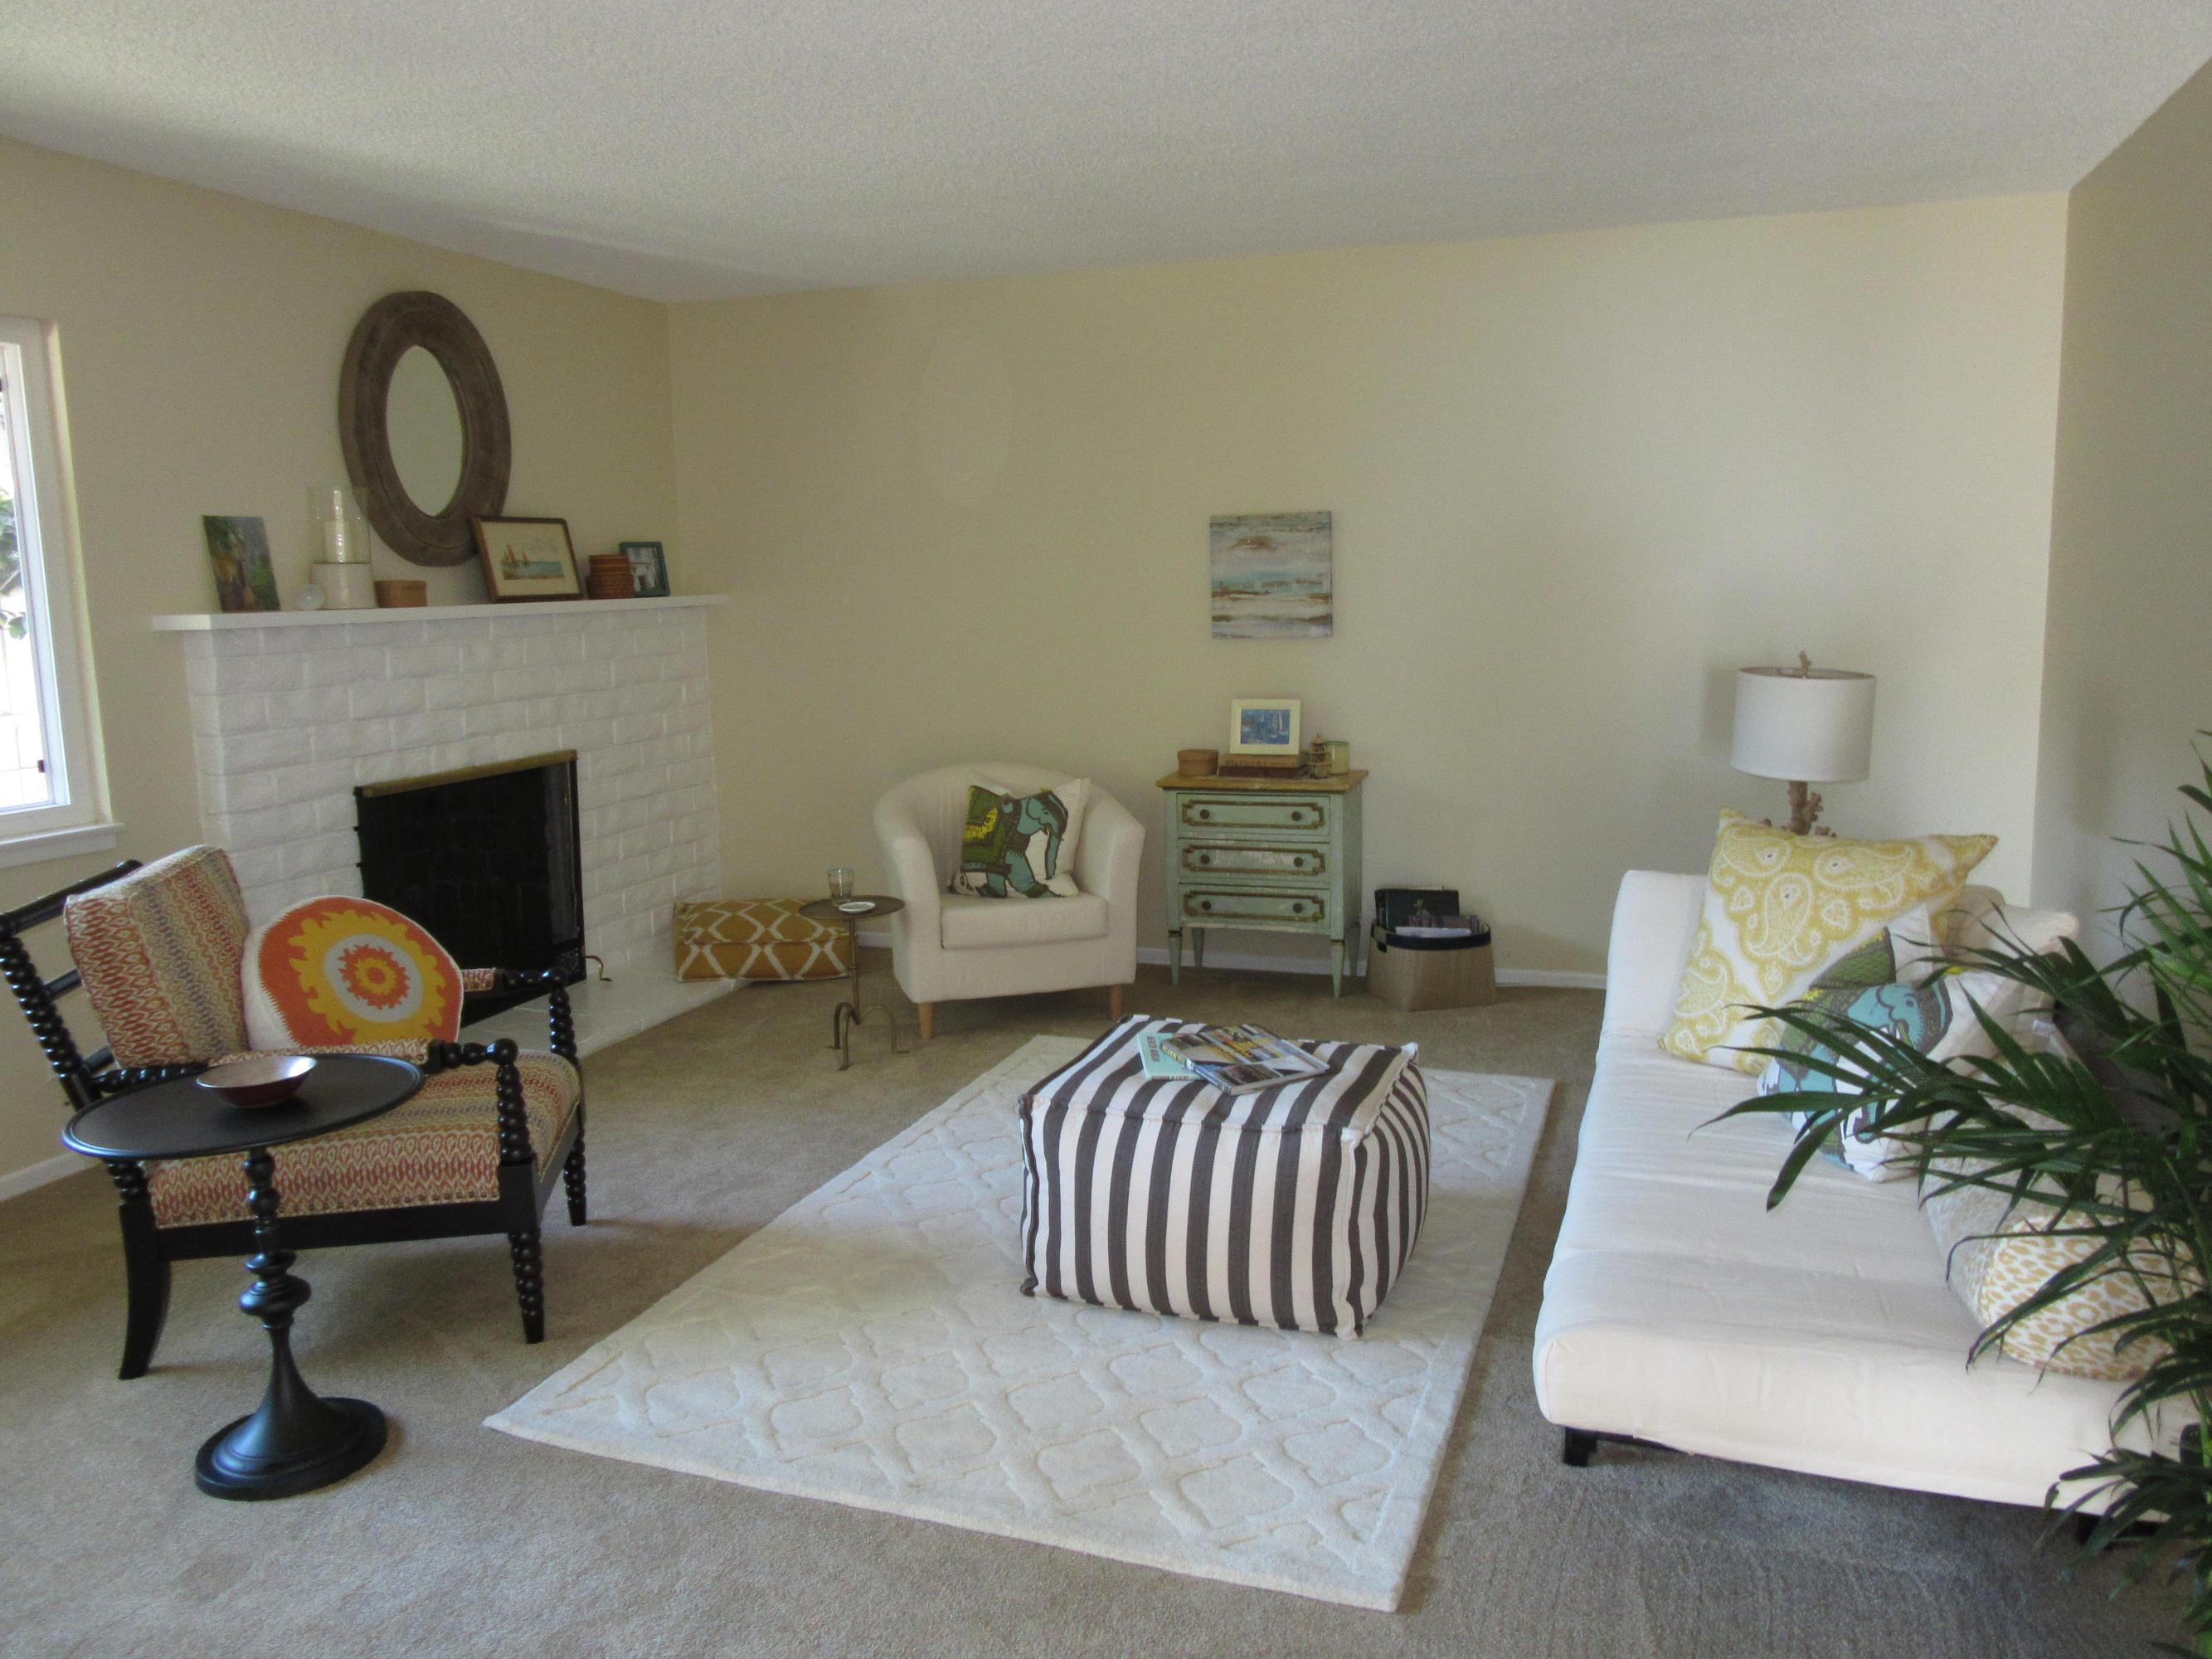 Property photo for 863 Cieneguitas Rd Santa Barbara, California 93110 - 14-2319